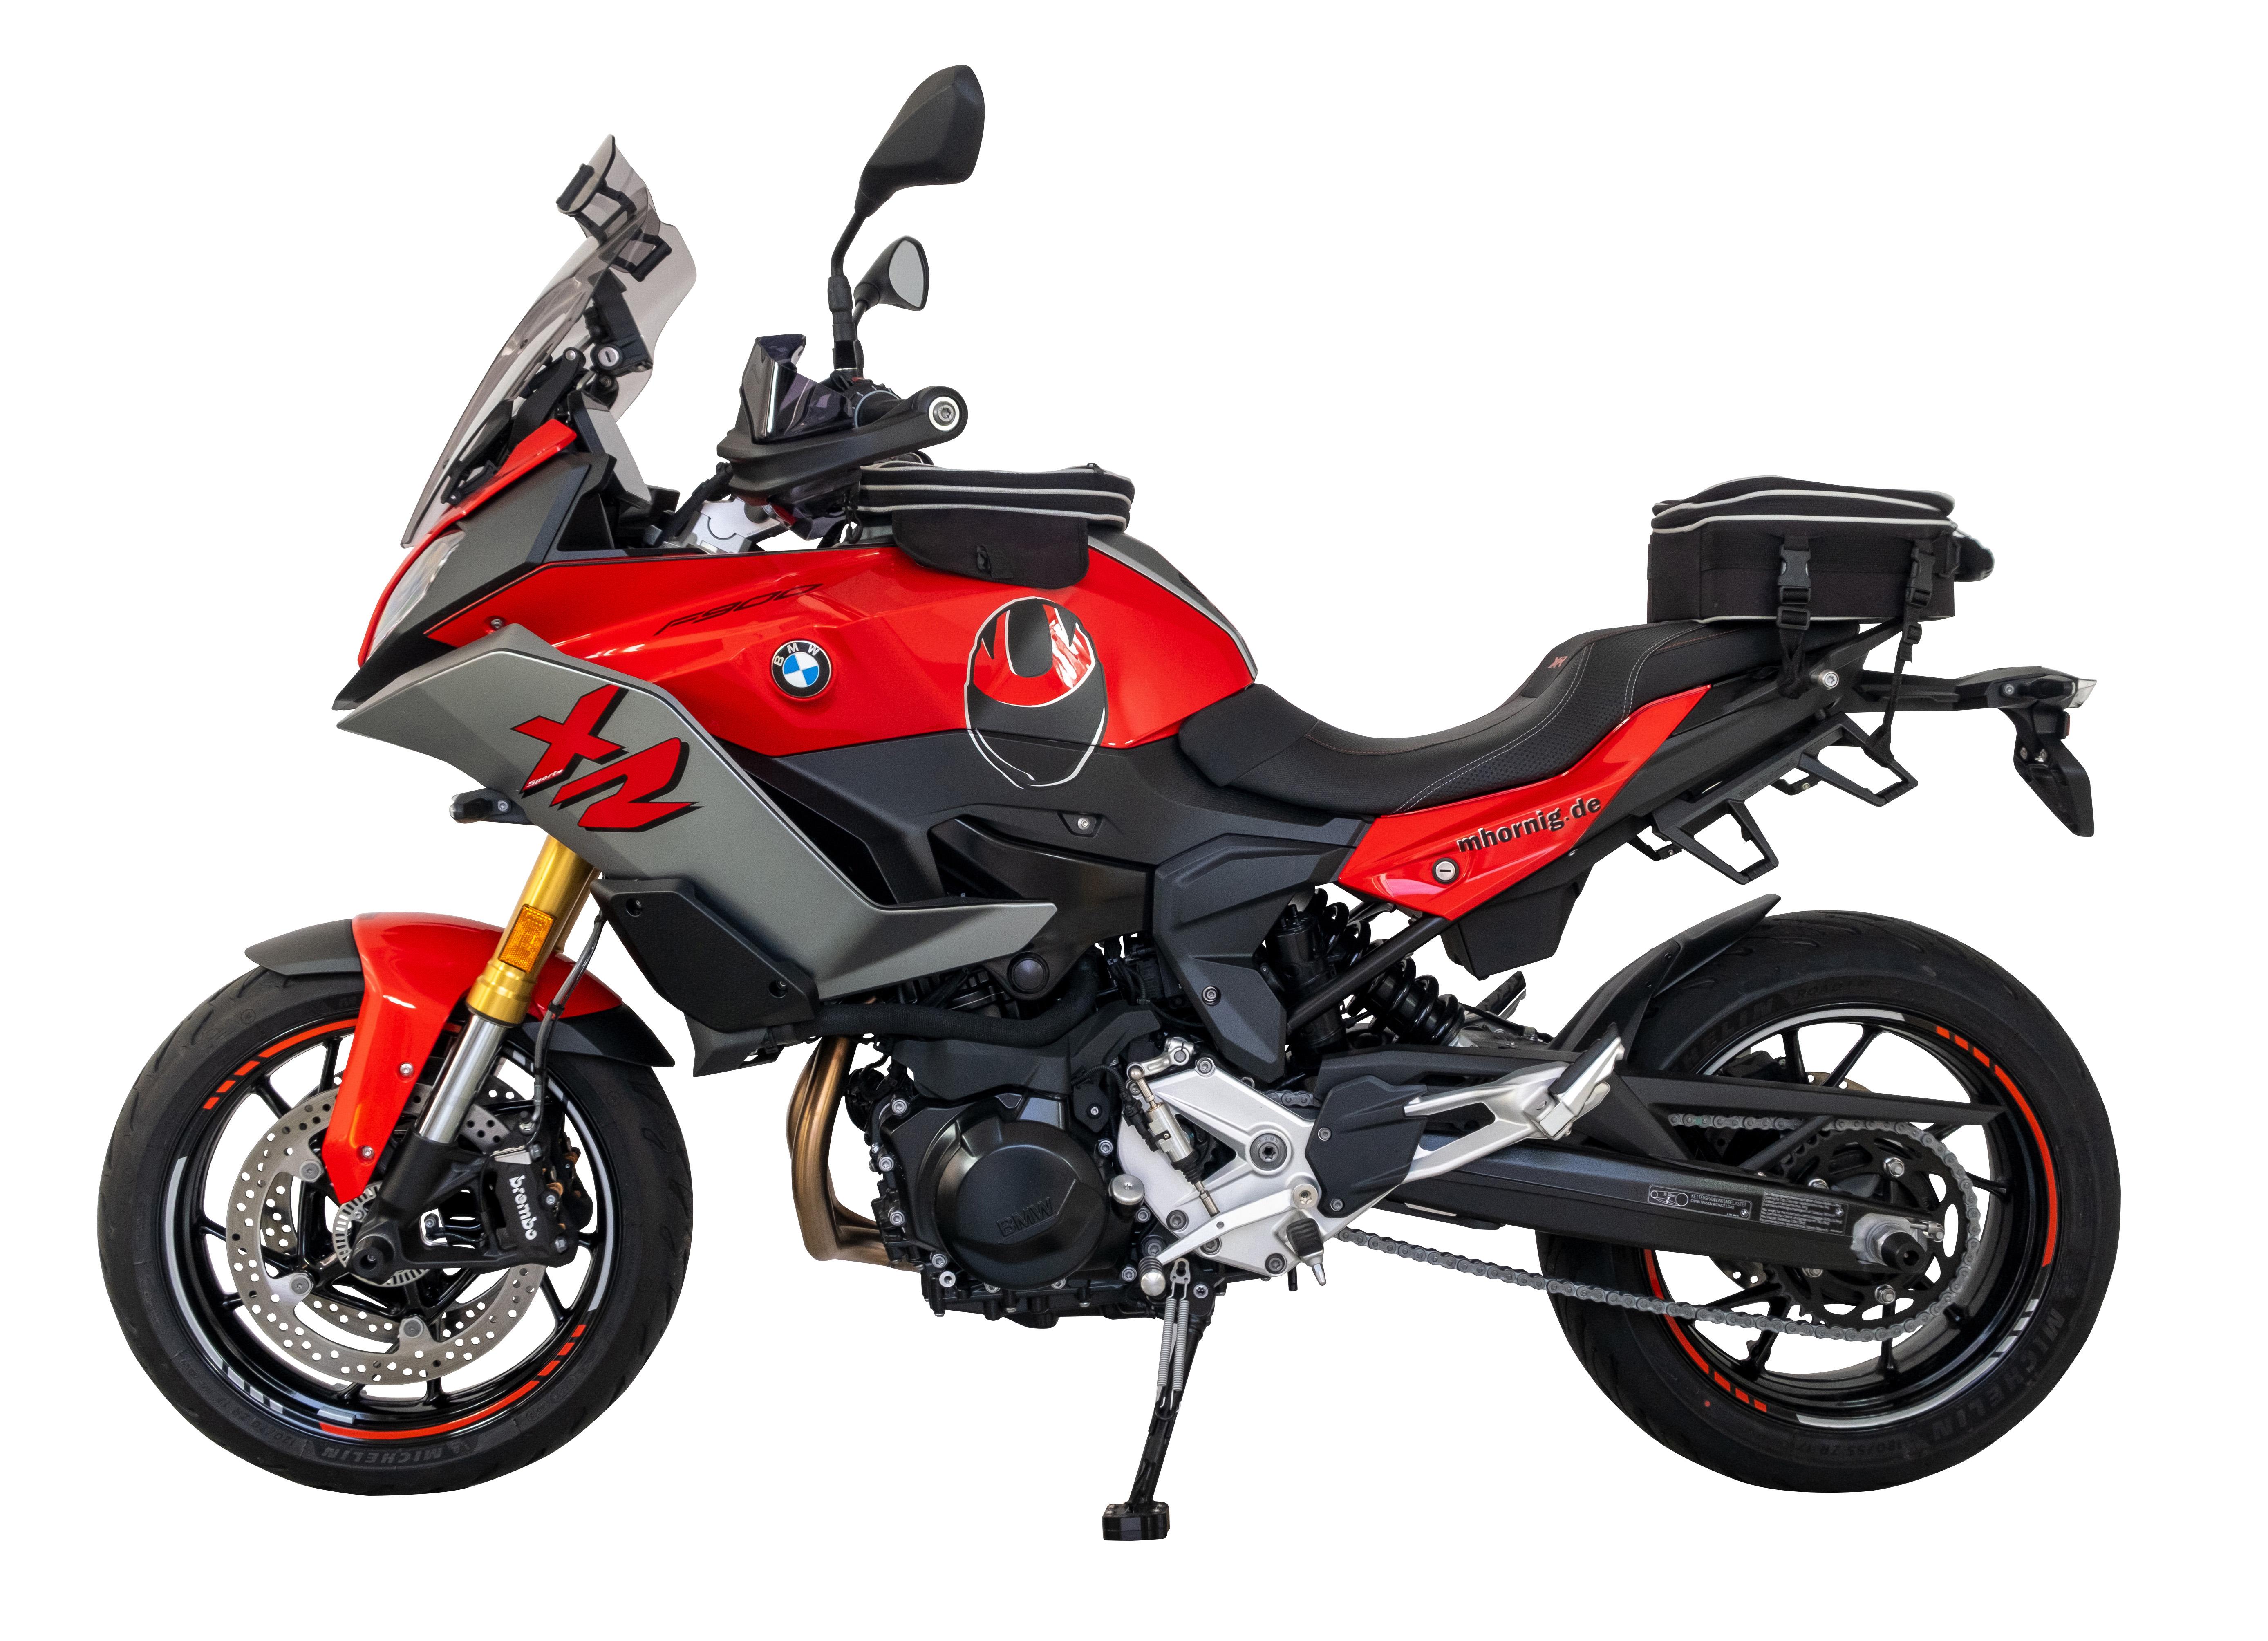 Bmw F900xr Umbau Von Hornig Sportliche Ambition Trifft Auf Robuste Touren Tauglichkeit Motorradzubehör Hornig Zubehör Für Ihr Bmw Motorrad